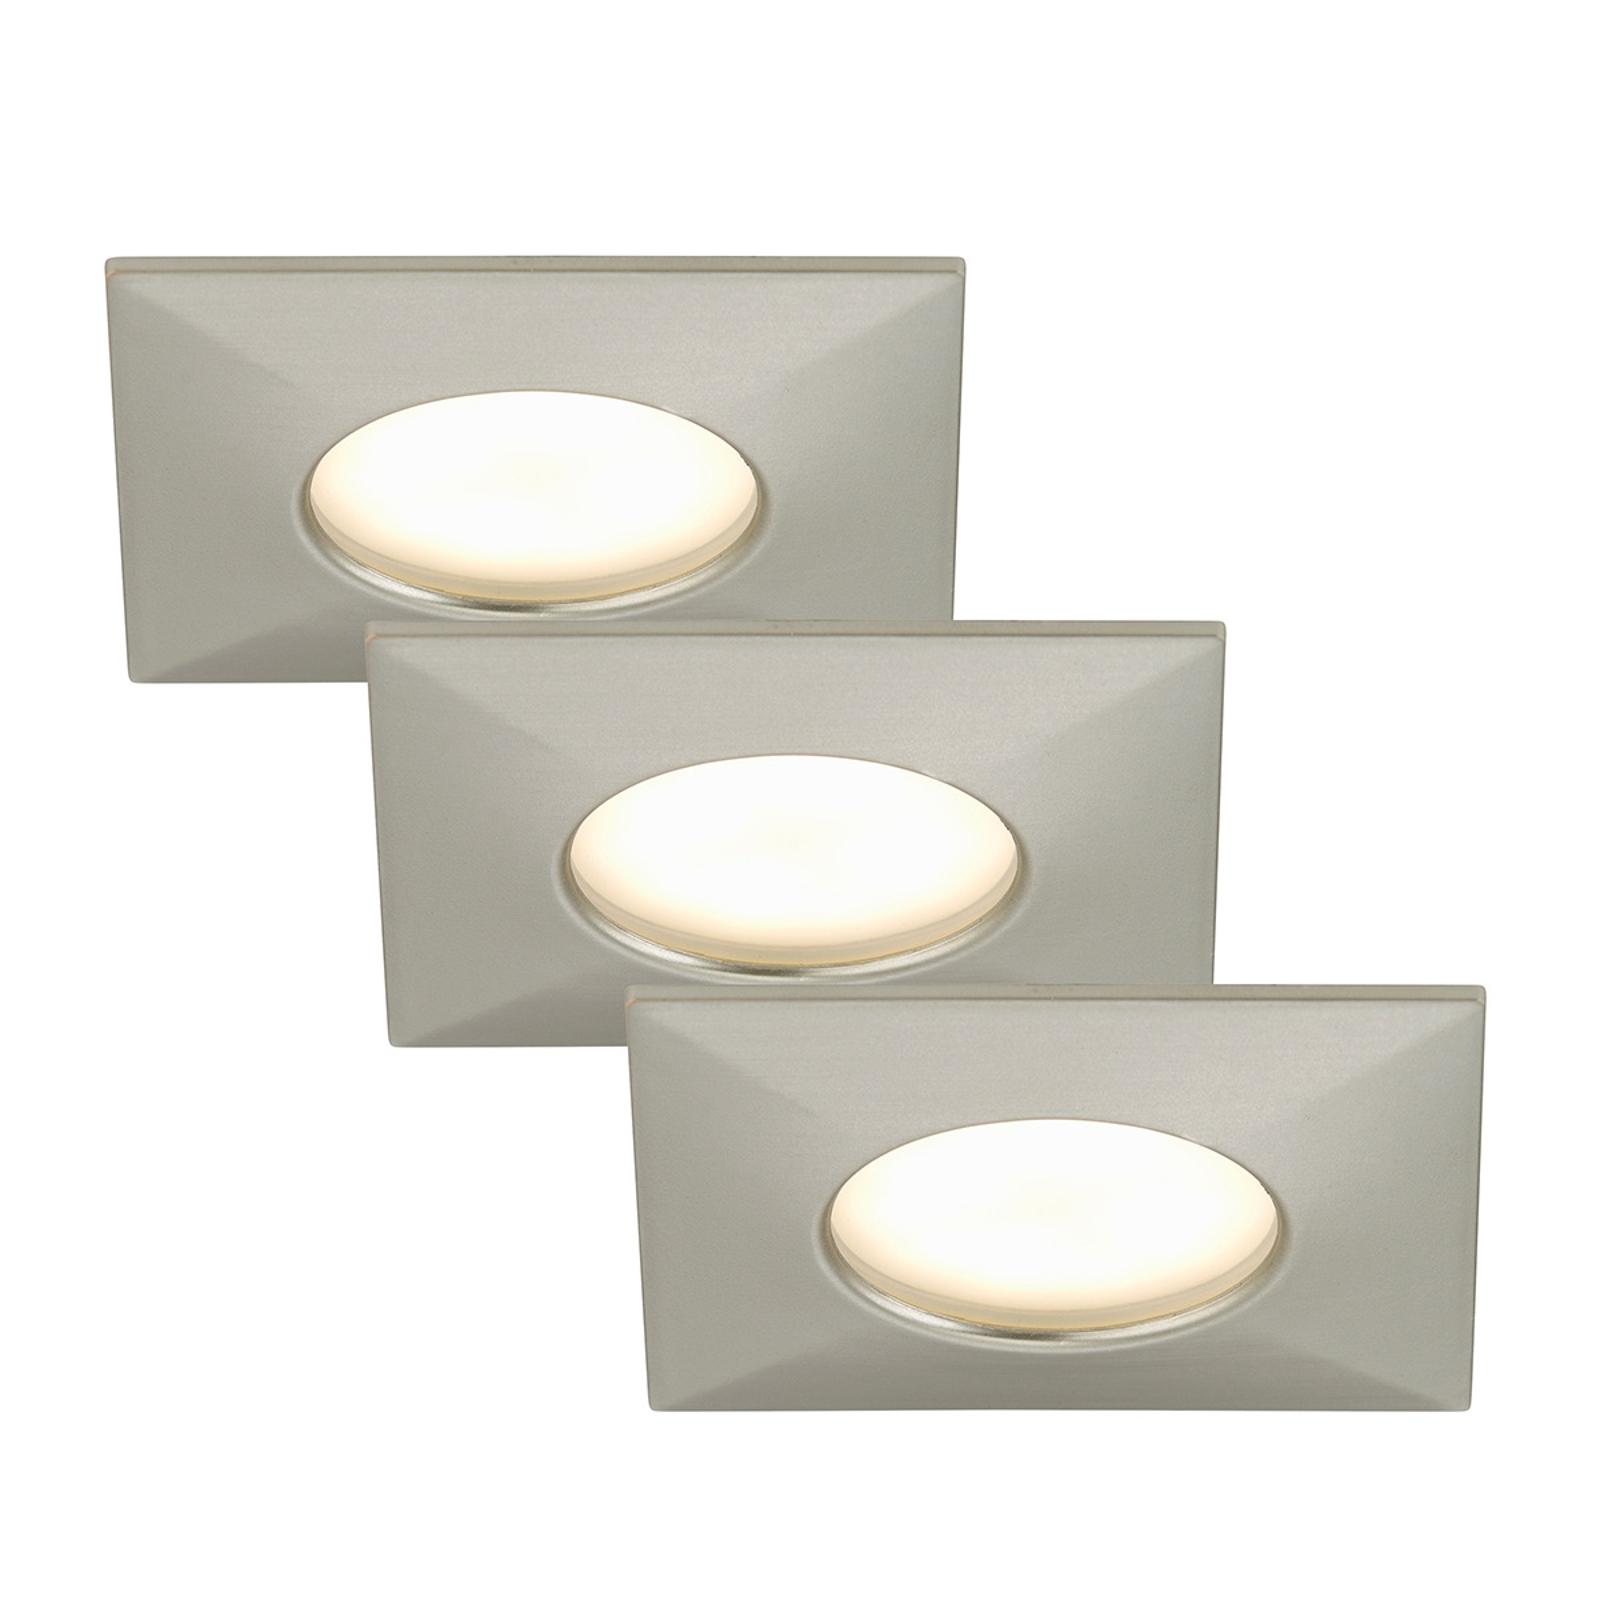 Luca LED-indbygningsspot, 3 stk. IP44, mat nikkel